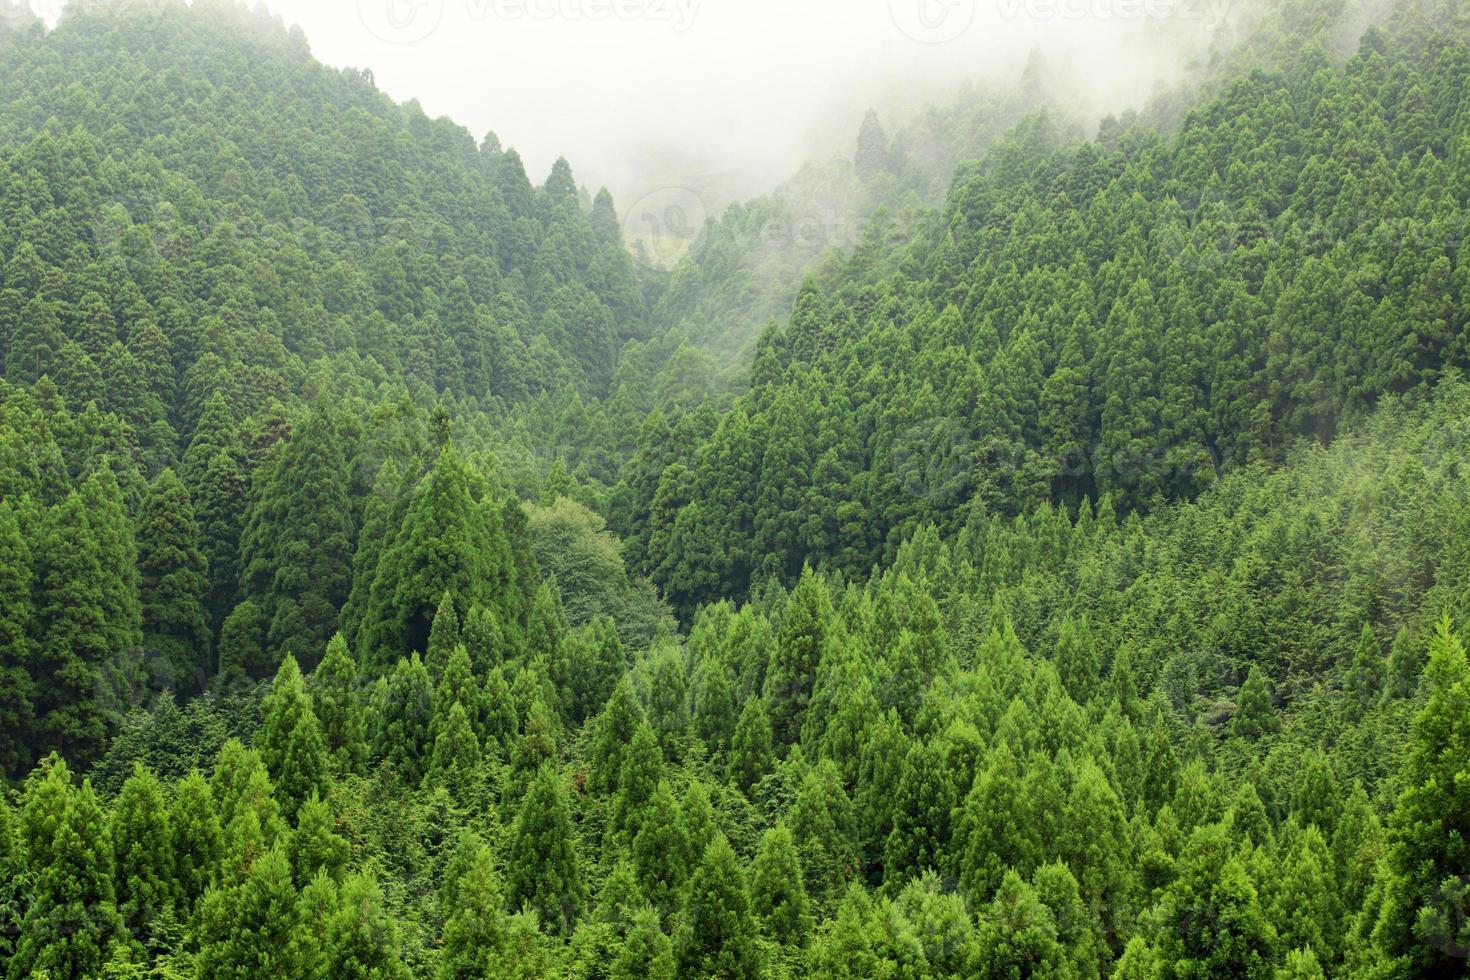 foresta di abete rosso di montagna sulla collina fith nebbia dietro foto